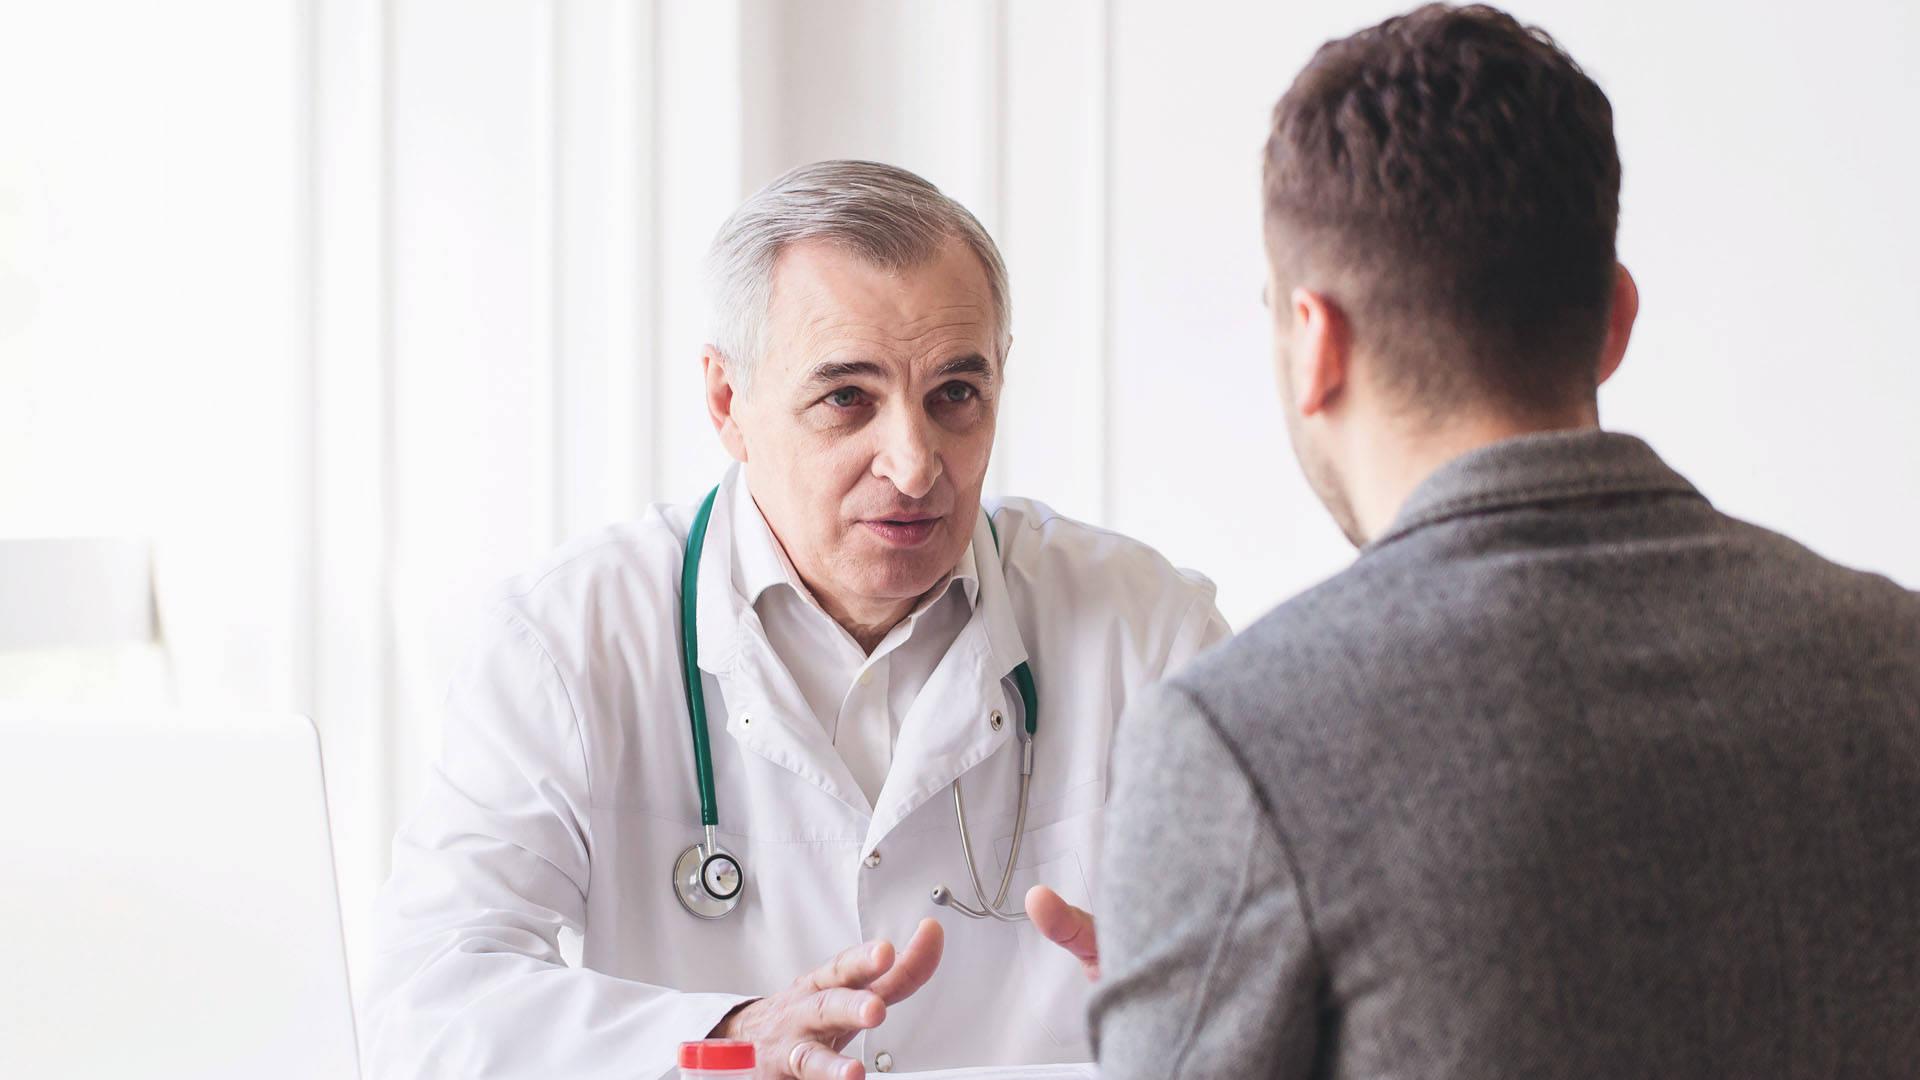 Imagem que ilustra um médico atendendo a um paciente, que está com problemas de saúde e precisa de ajuda para ter uma performance melhor na sua empresa ou trabalho.